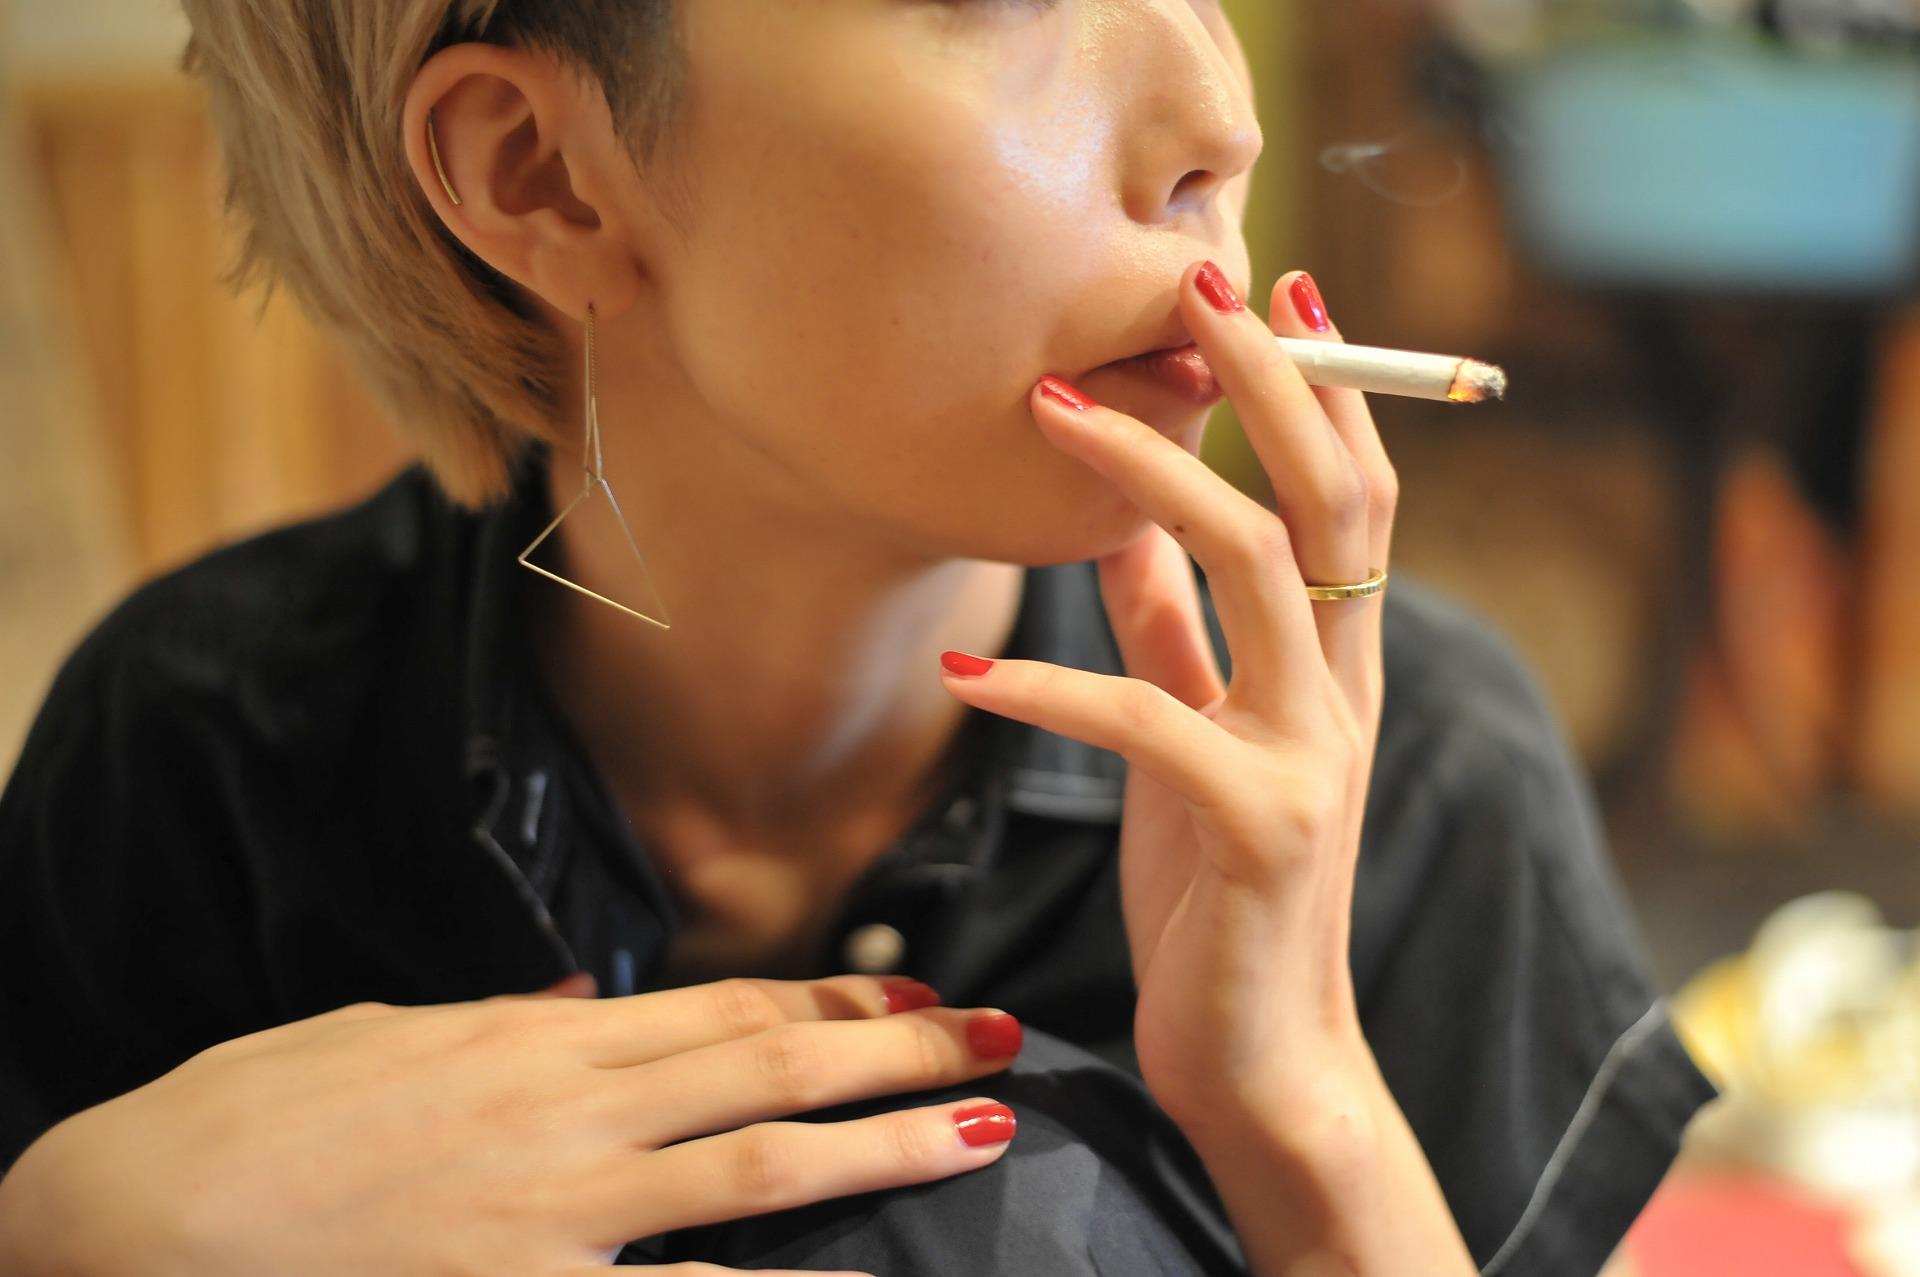 そんなあなたに禁煙外来紹介します